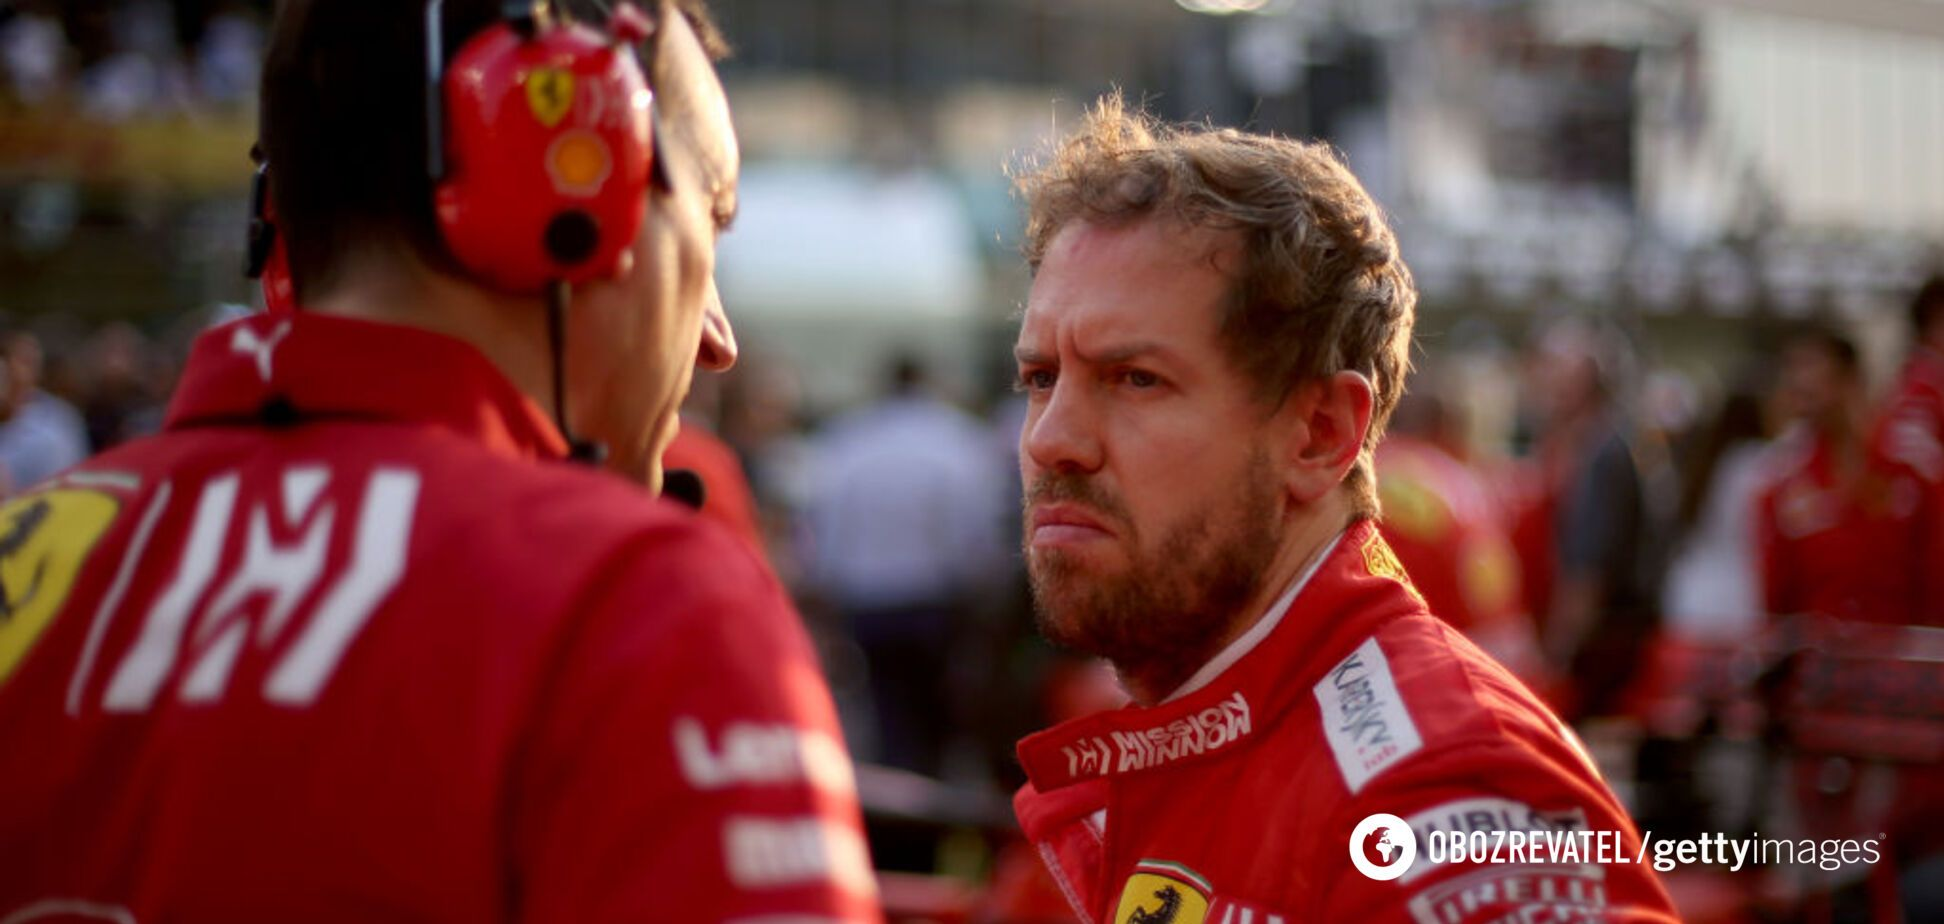 Офіційно: Ferrari вигнала Феттеля, підписавши пілота з команди-конкурента